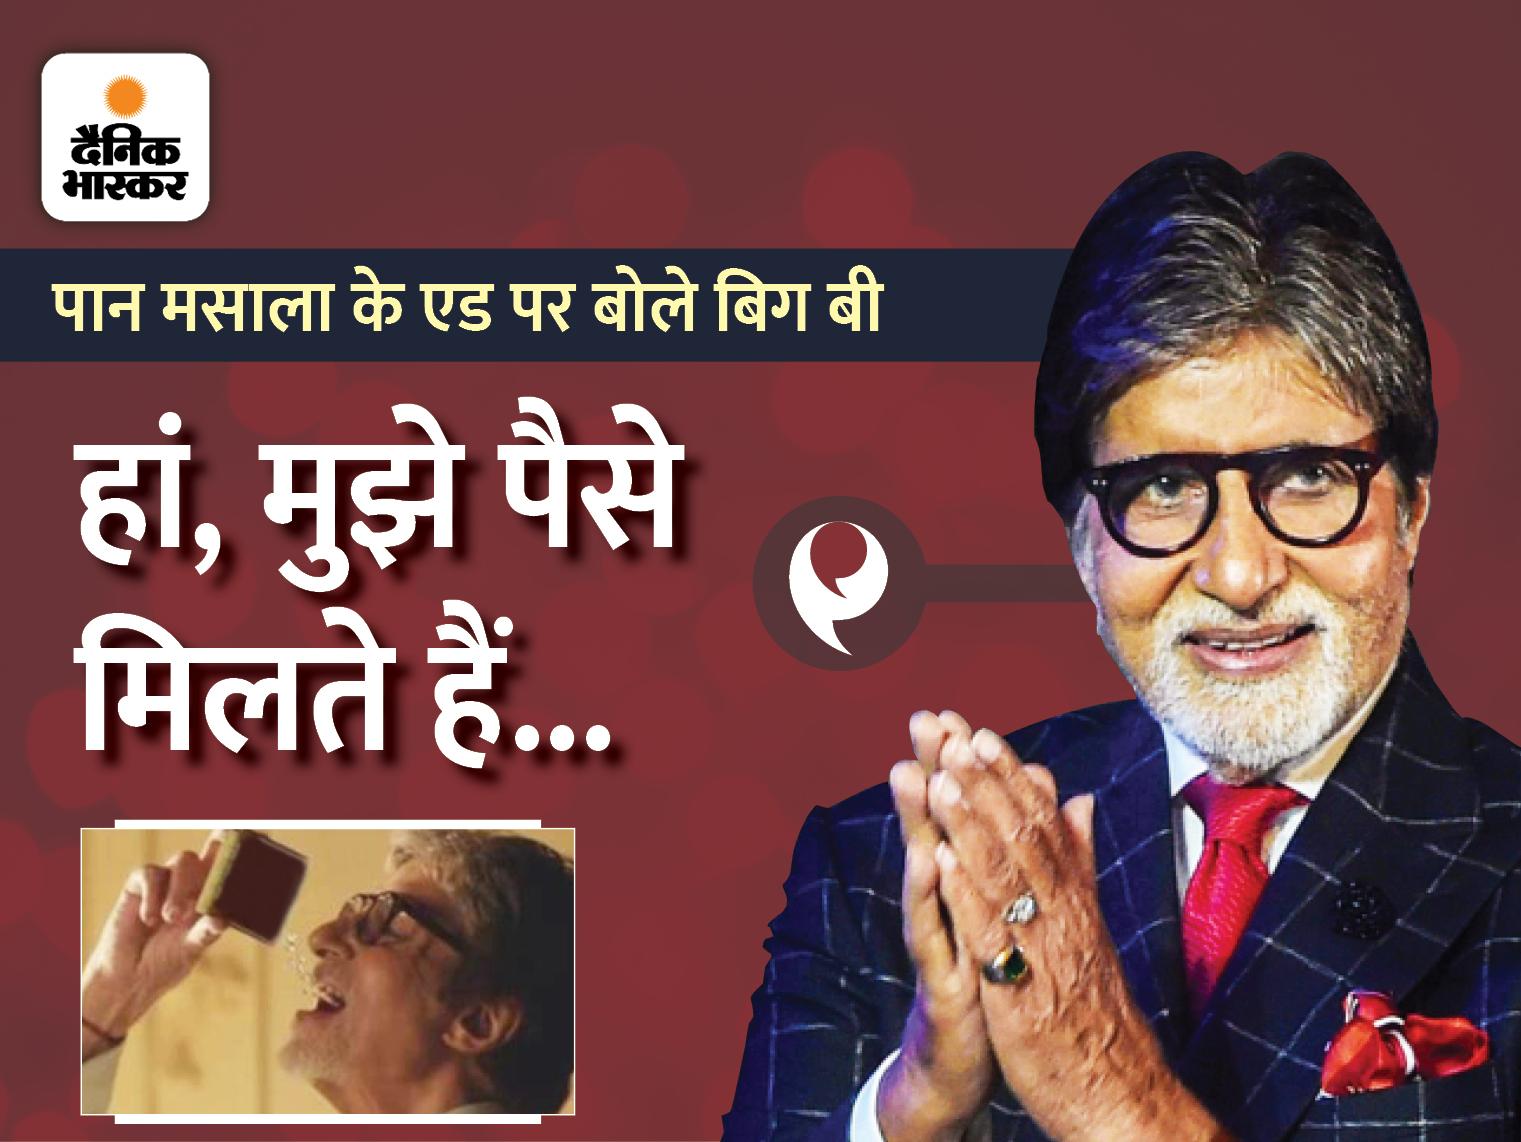 अमिताभ बच्चन से ट्रोलर ने पूछा- पान मसाले के एड में काम क्यों किया? बिग बी बोले- धनराशि मिलती है, व्यवसाय के बारे में सोचना पड़ता है बॉलीवुड,Bollywood - Dainik Bhaskar